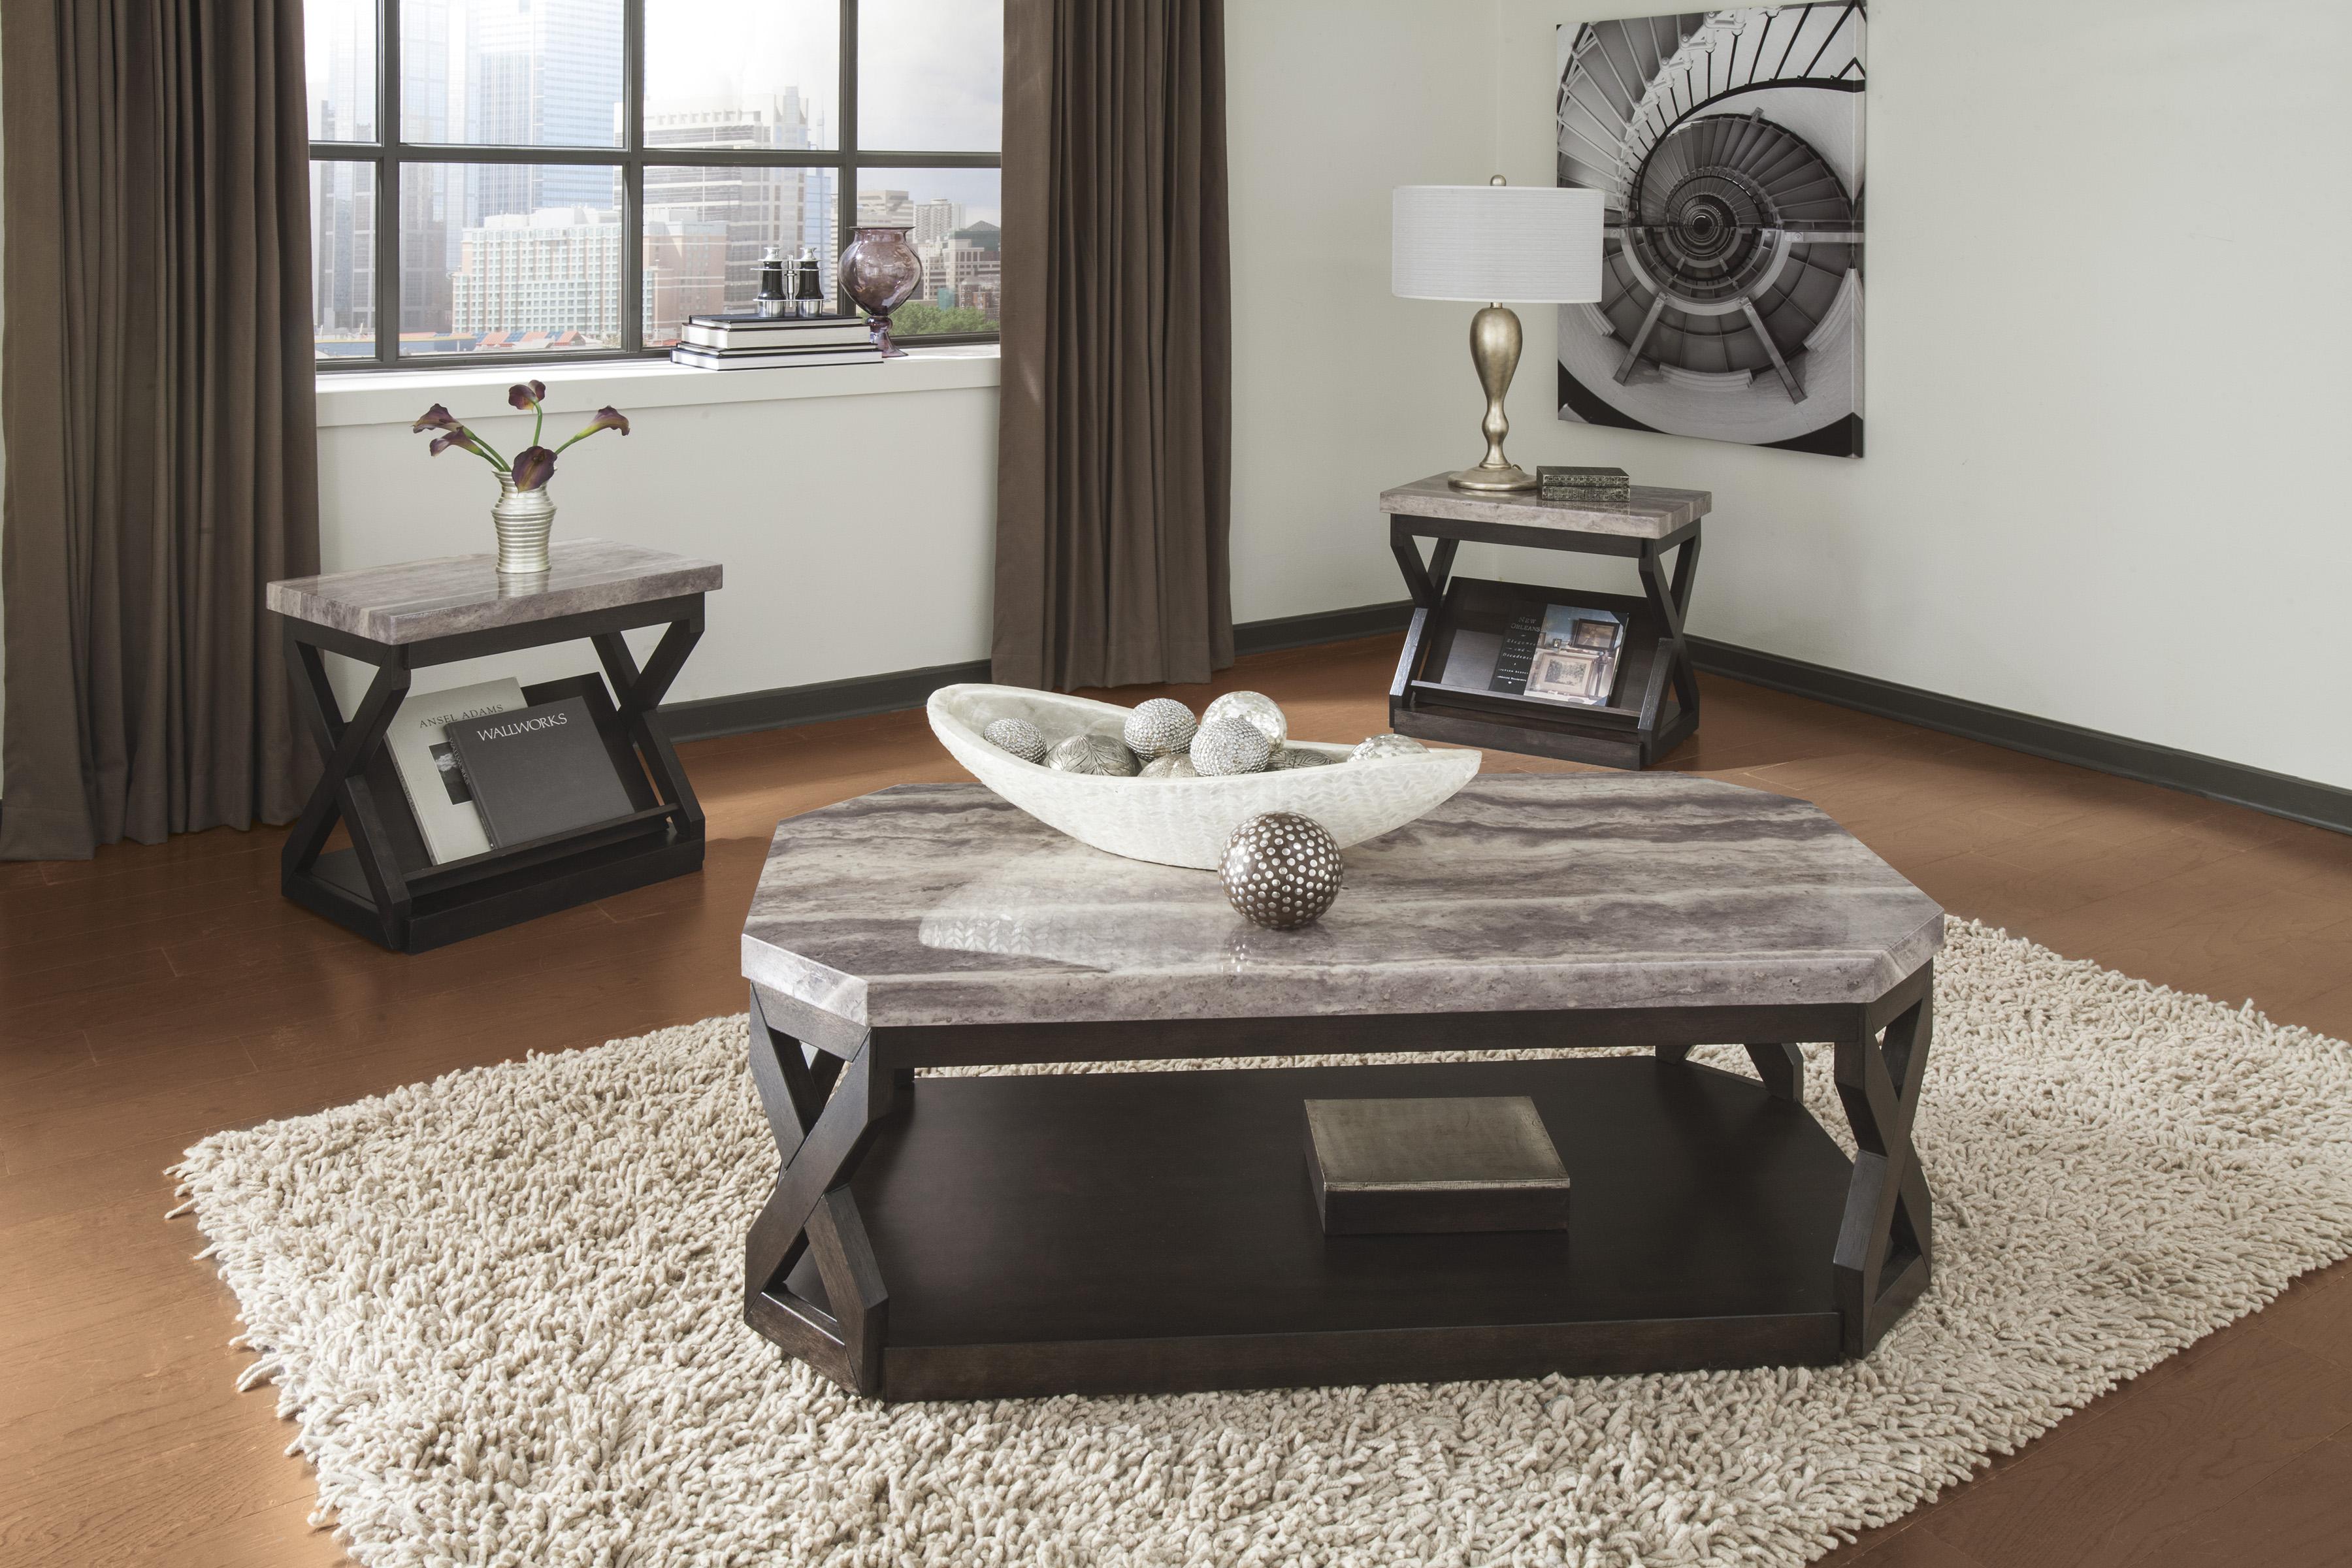 Coffee table sets ... Coffee table set.  Slider 0. Slider 0 NKQVUHF